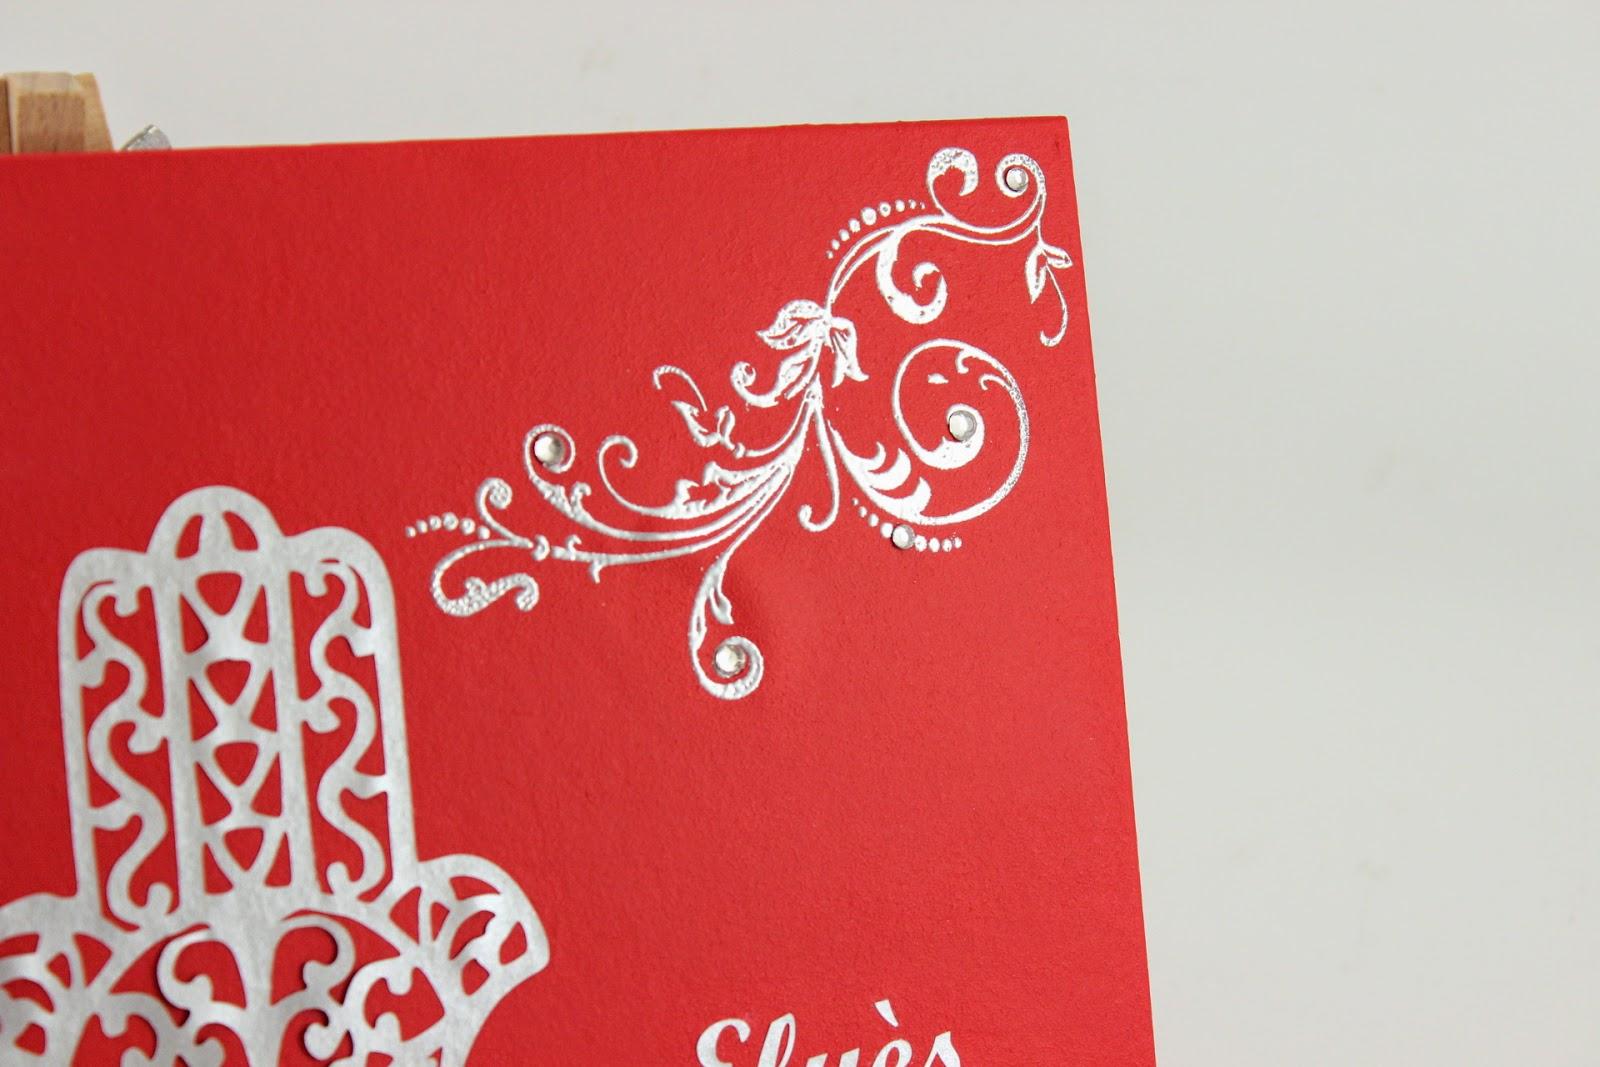 livre dor pour mariage ou autre vnement peint et dcor mainsici rouge et argent avec dcors et arabesques en papier argent - Livre D Or Mariage Oriental